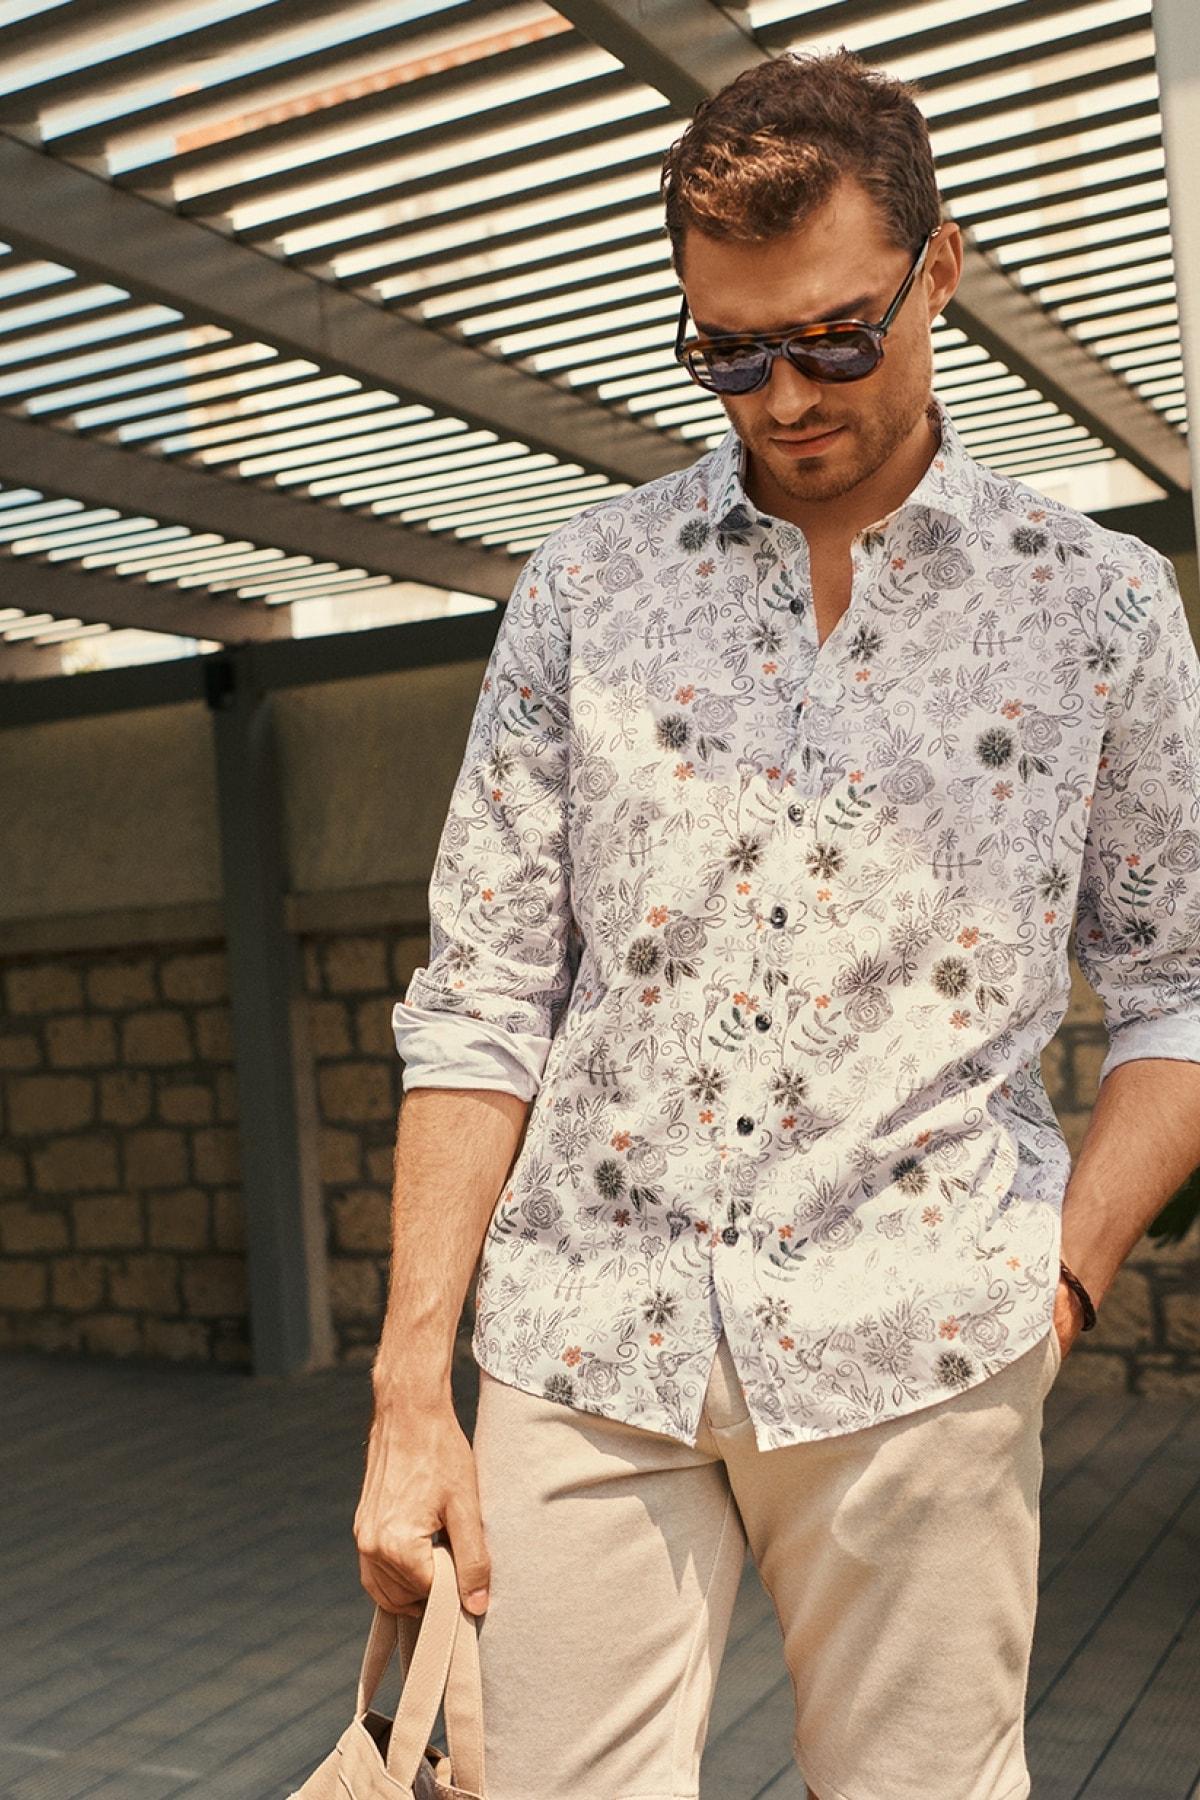 Erkek BEYAZ-KIREMIT Tailored Slim Fit İtalyan Yaka %100 Koton Baskılı Gömlek